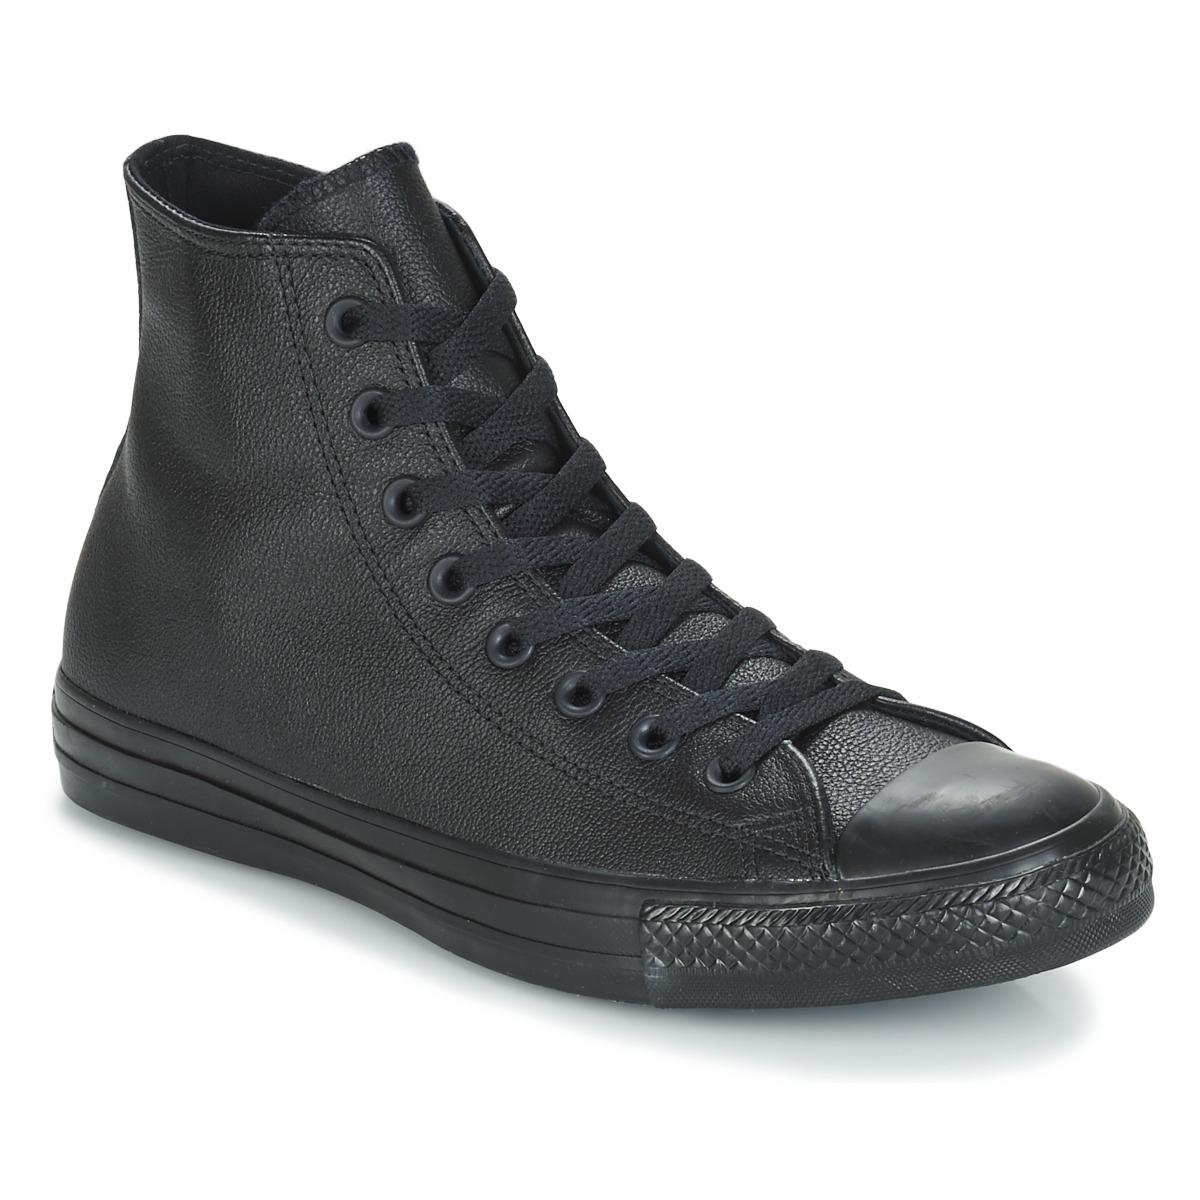 Sneakers alte donna Converse CHUCK TAYLOR ALL STAR MONO HI Nero